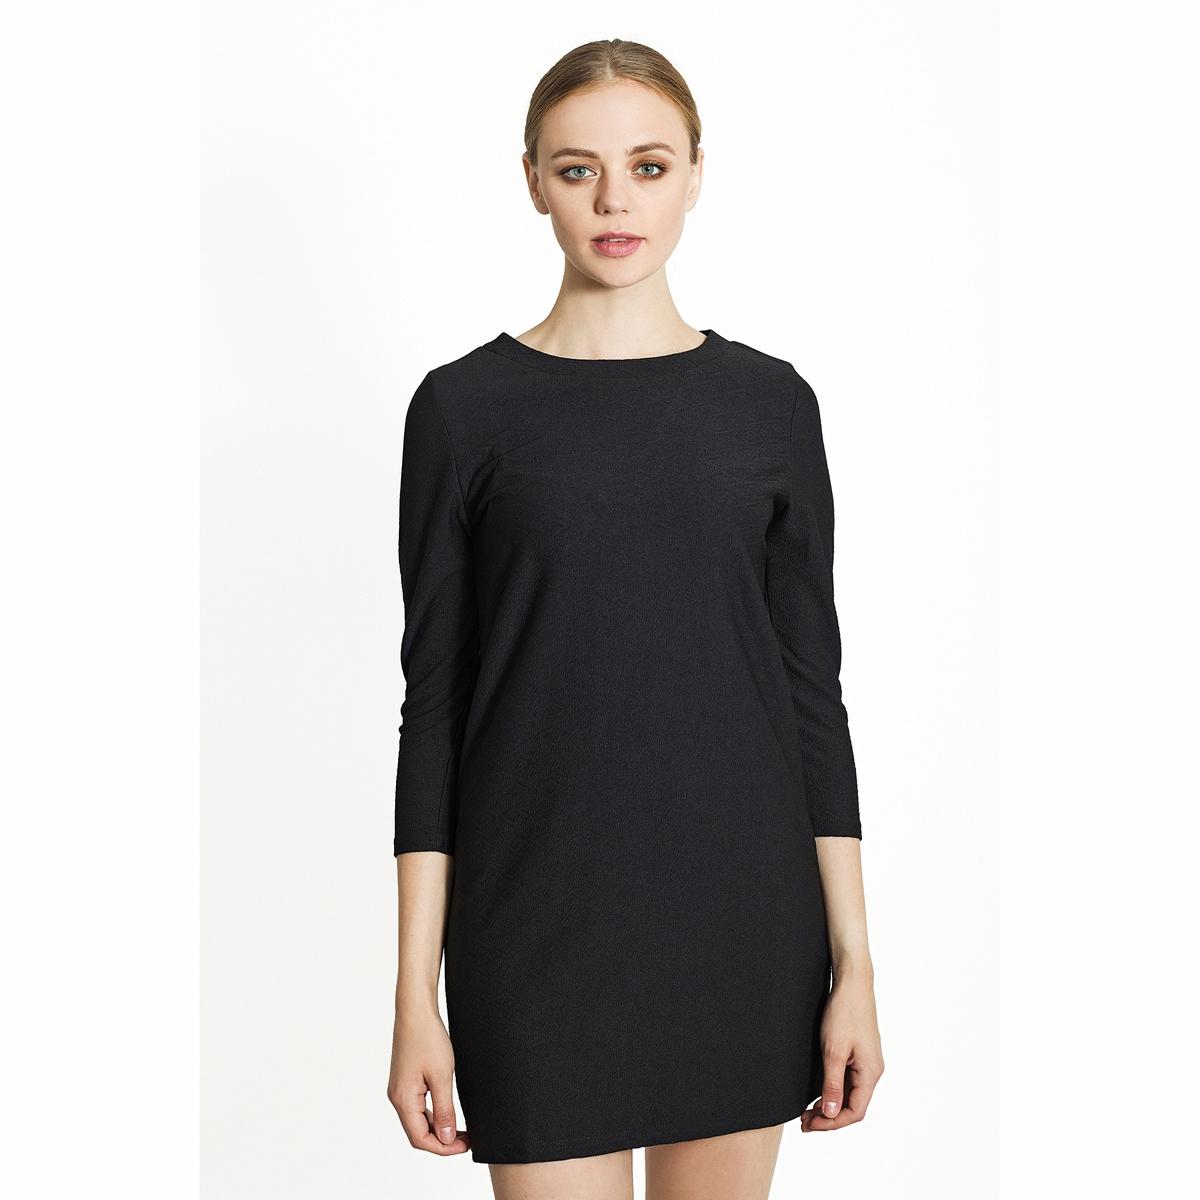 Платье короткое декольтированное сзадиСостав и описаниеМатериалы: 100% полиэстер.Марка : Migle+MeУходСледуйте рекомендациям по уходу, указанным на этикетке изделия.<br><br>Цвет: черный